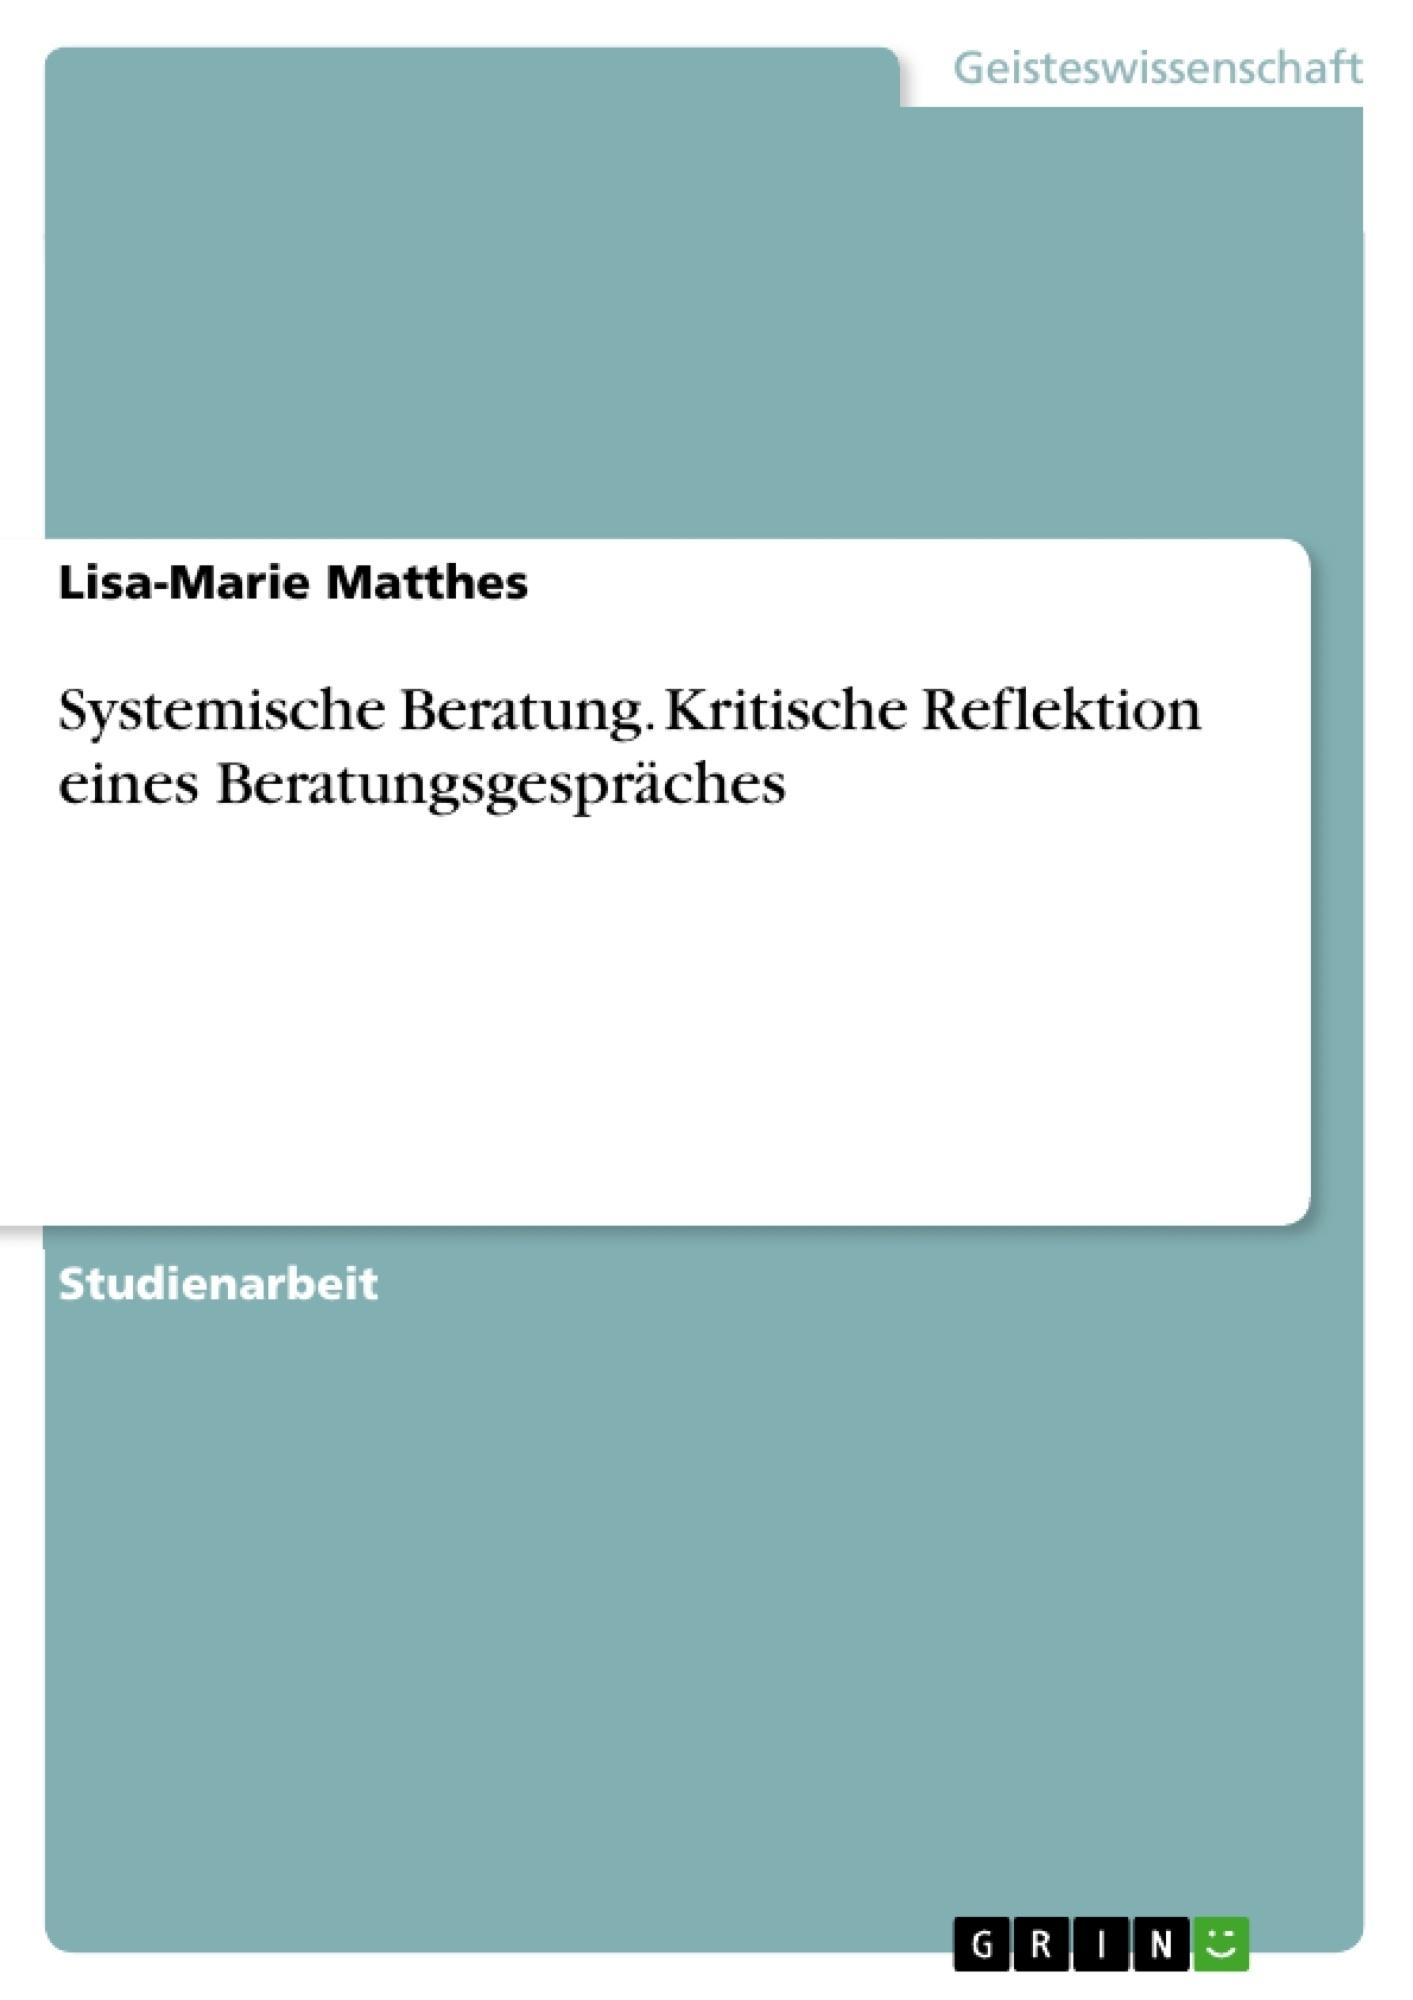 Titel: Systemische Beratung. Kritische Reflektion eines Beratungsgespräches